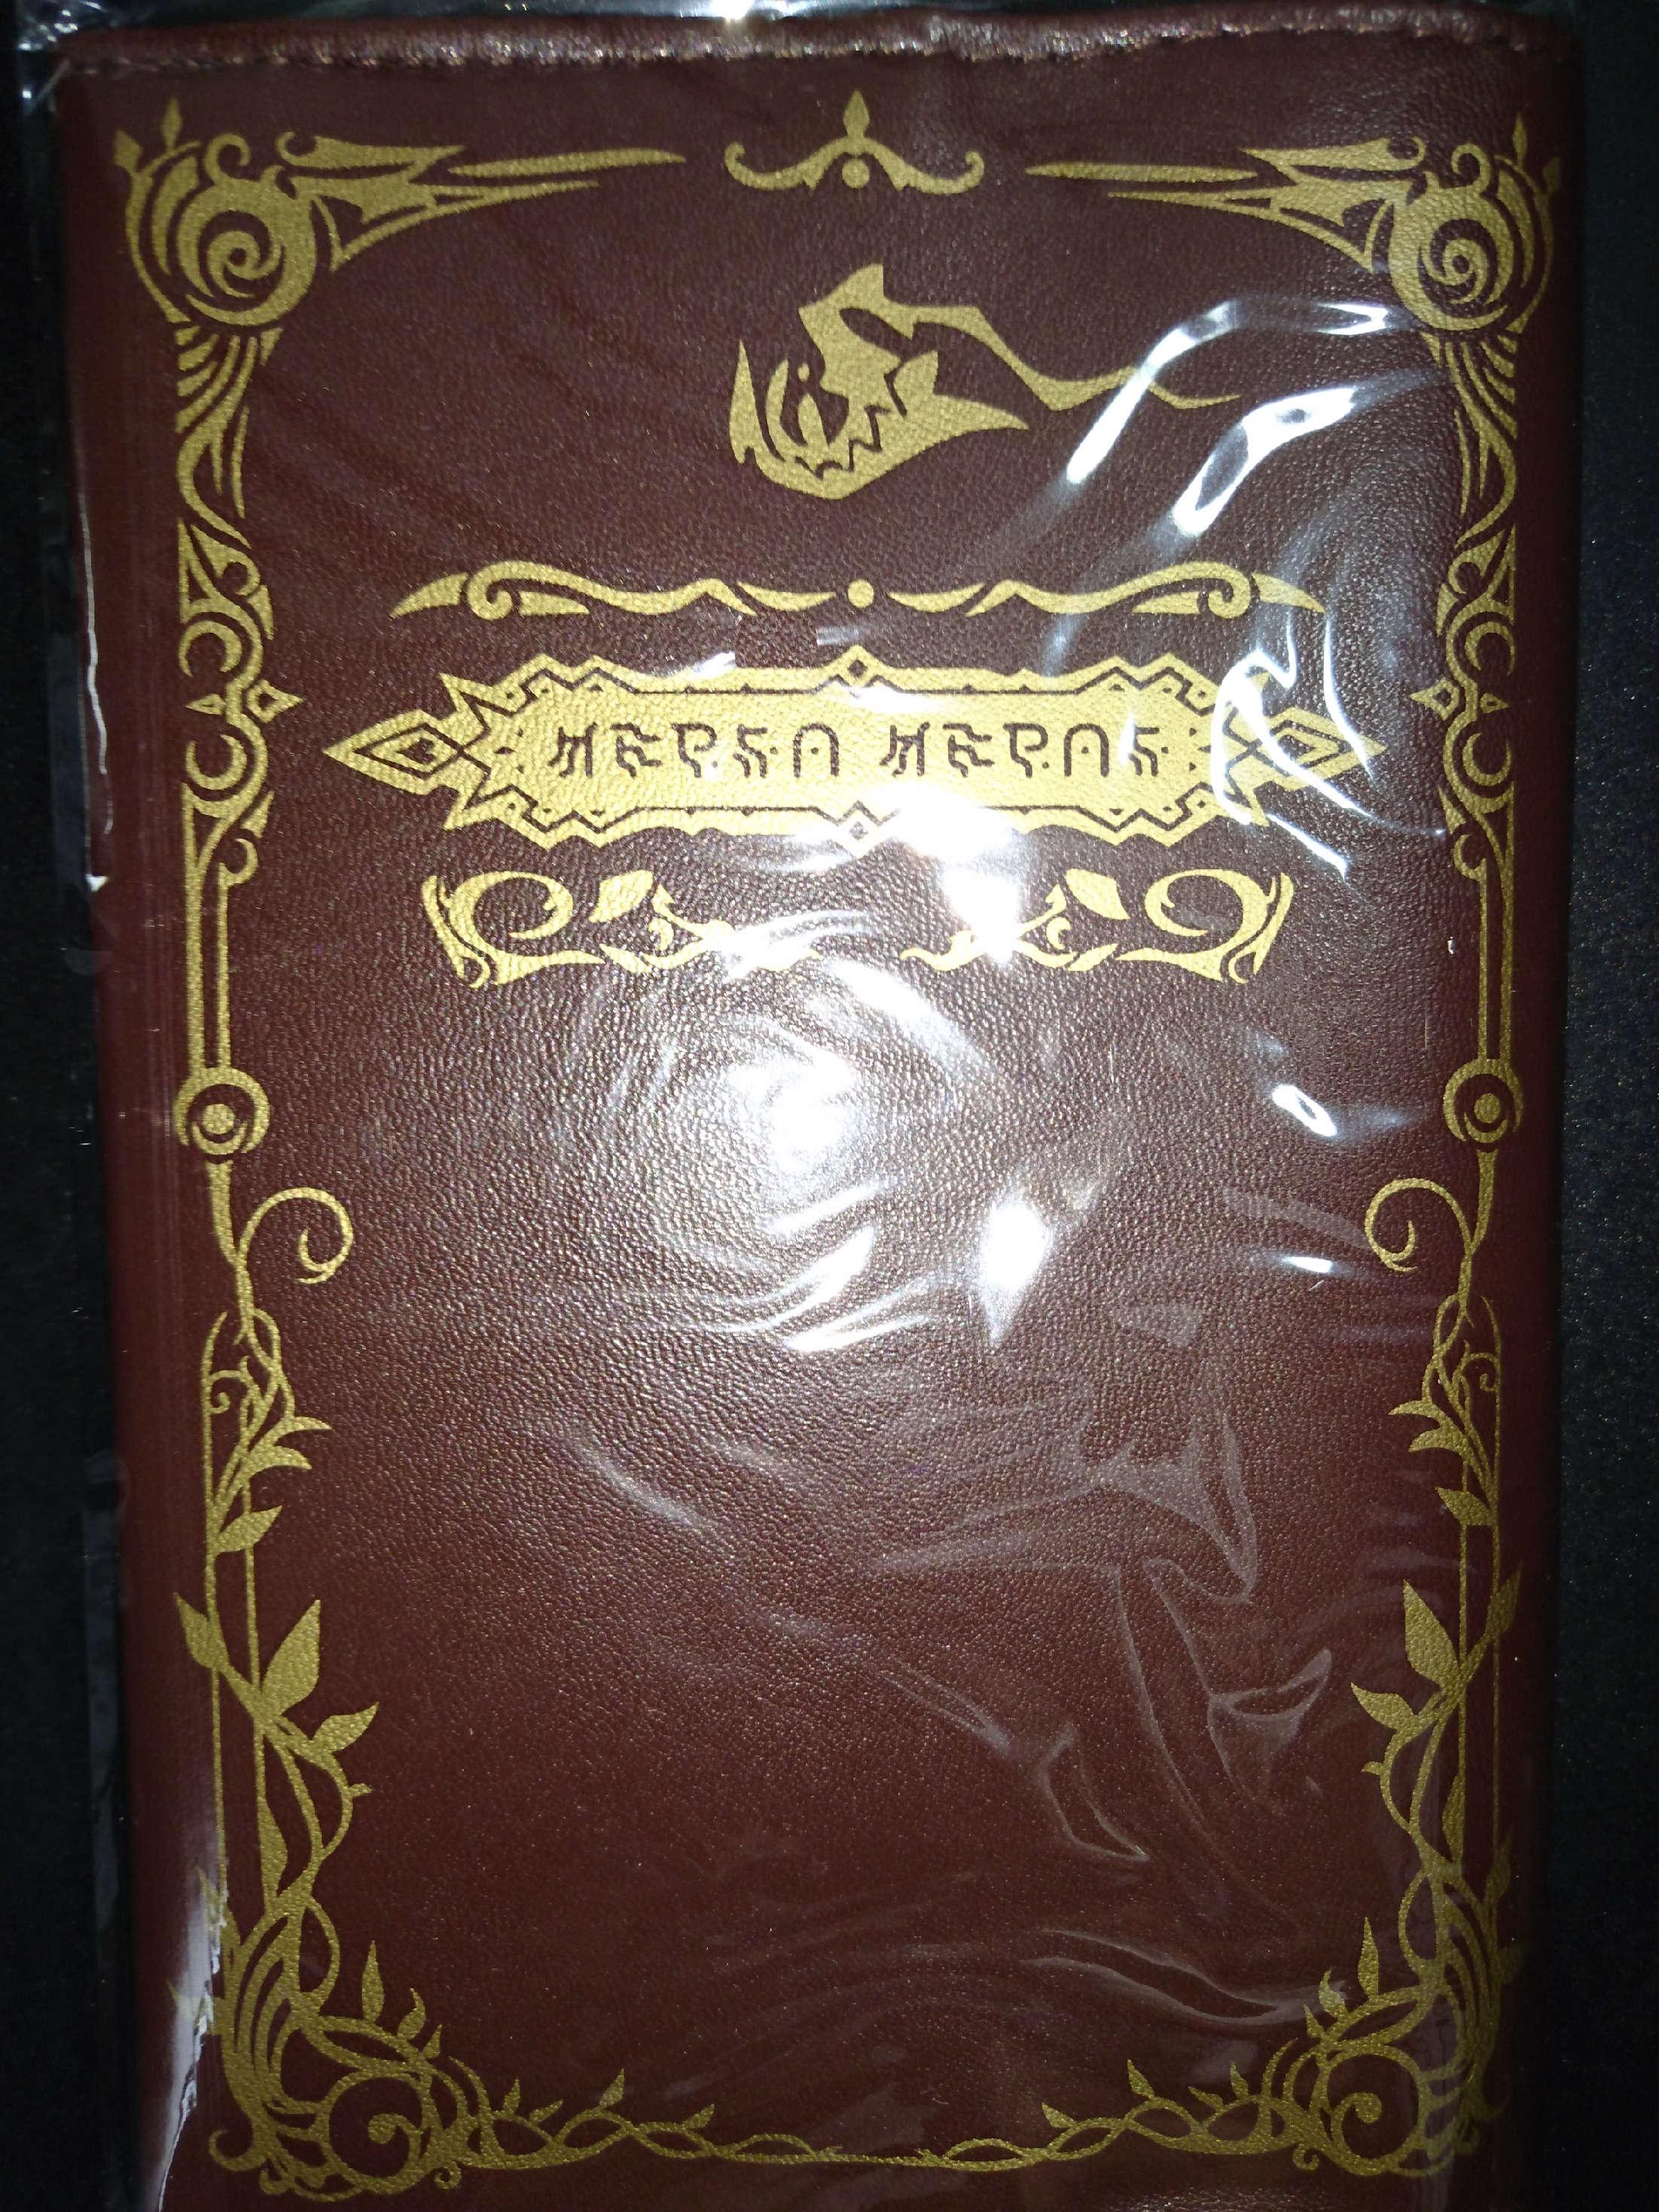 魔女と百騎兵 Revival ブックカバー